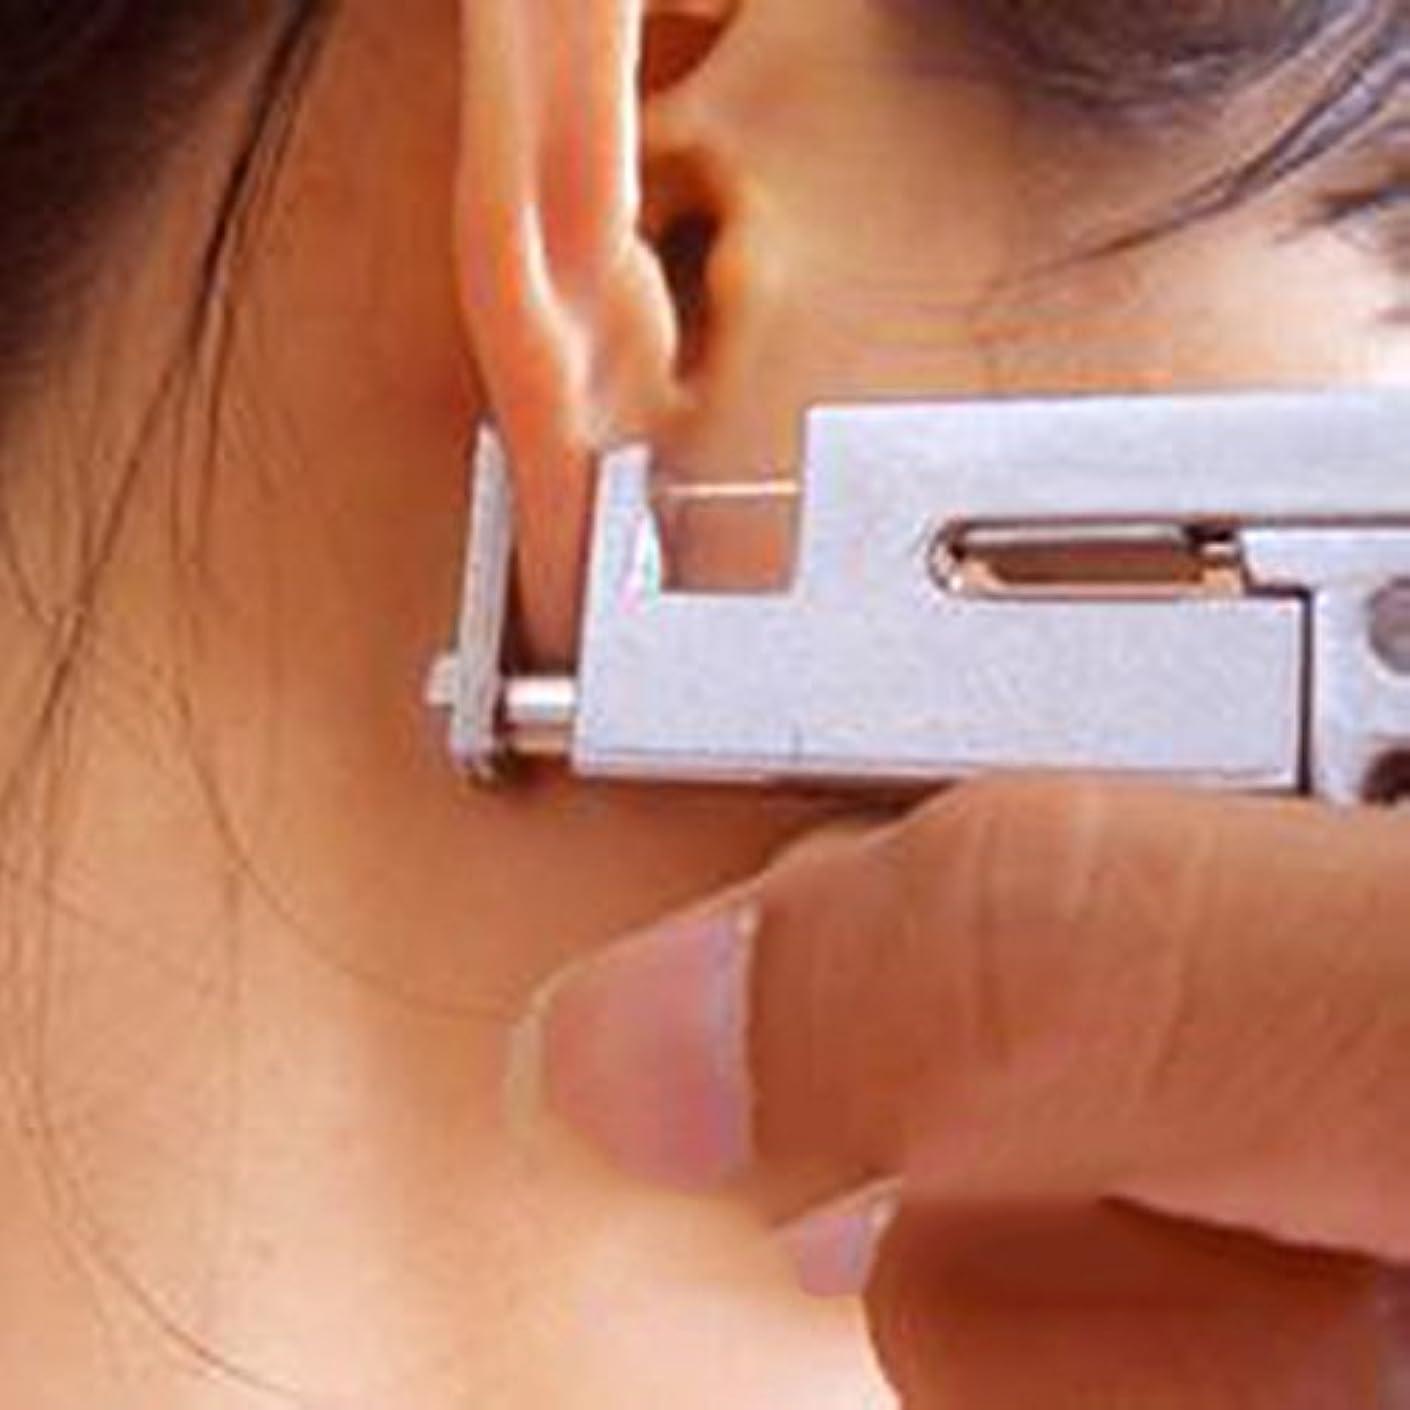 ヒゲ結び目共産主義プロの耳ボディ鼻ピアスガン 工作機械キットセット+ 98個スチールスタッド 使いやすい